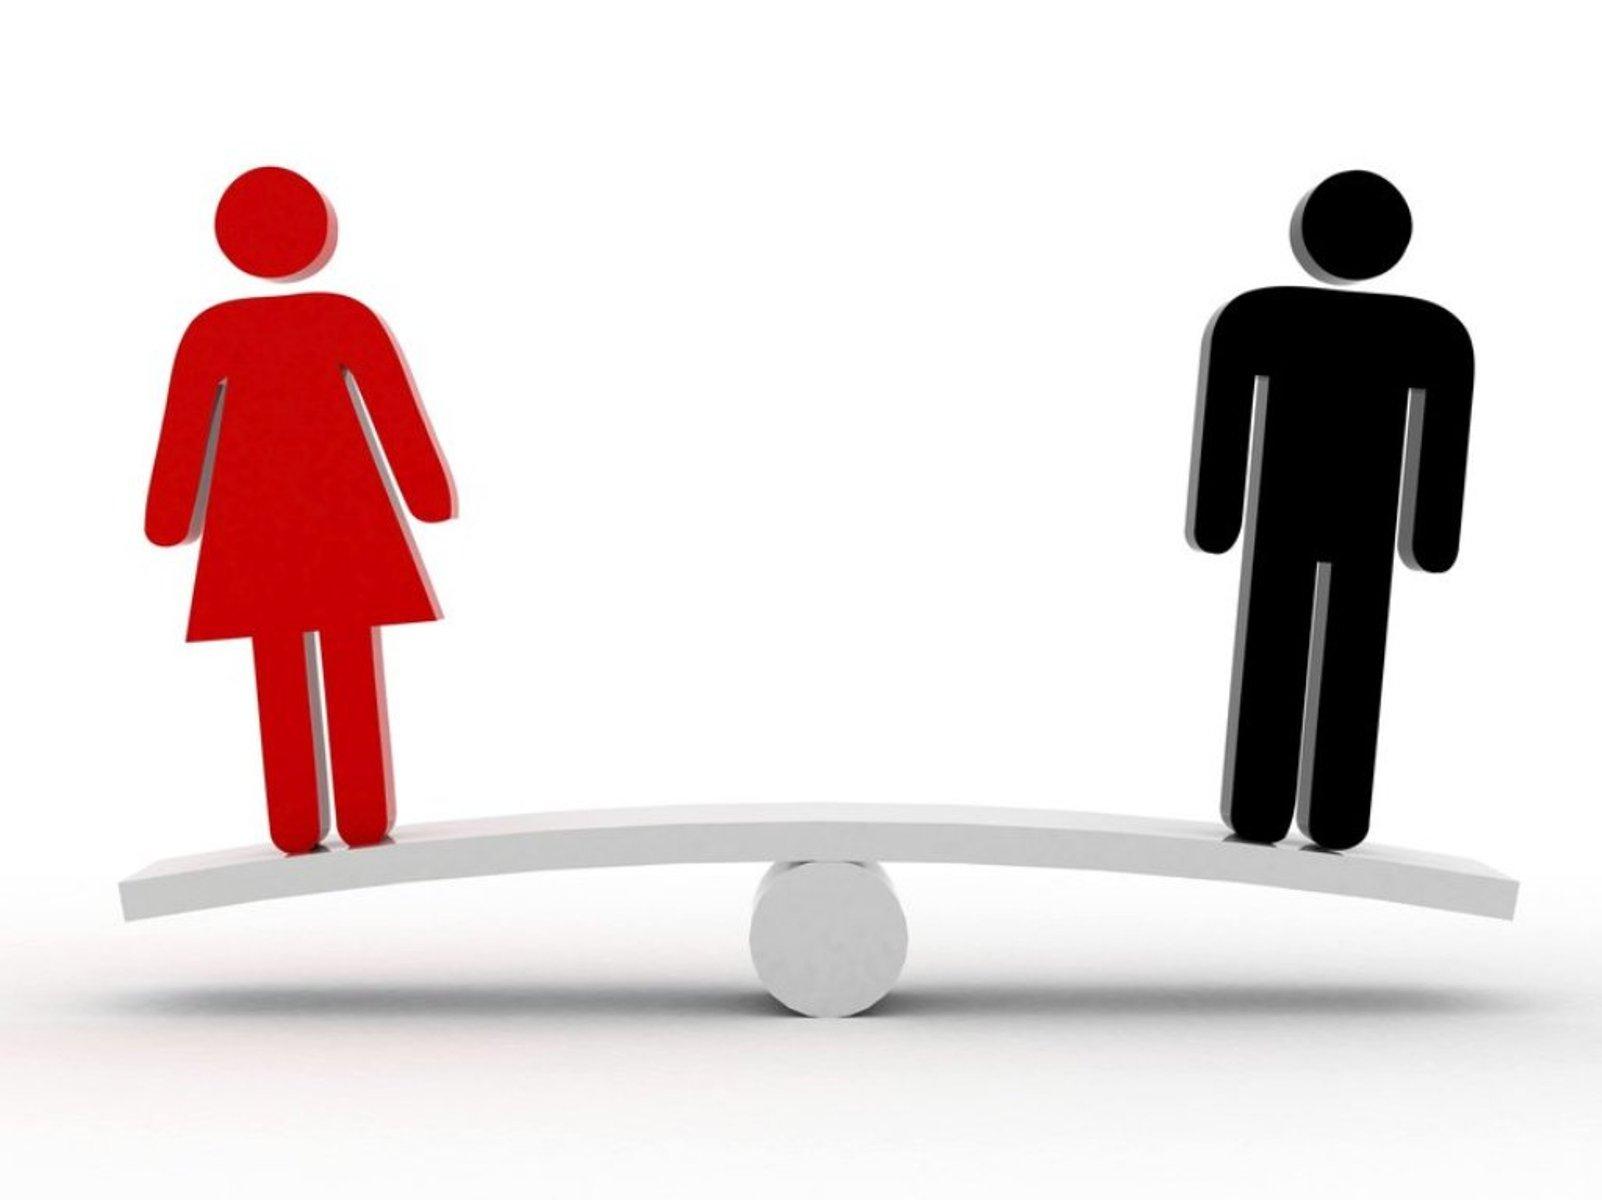 Женщины чаще страдают от ряби в глазах, чем мужчины